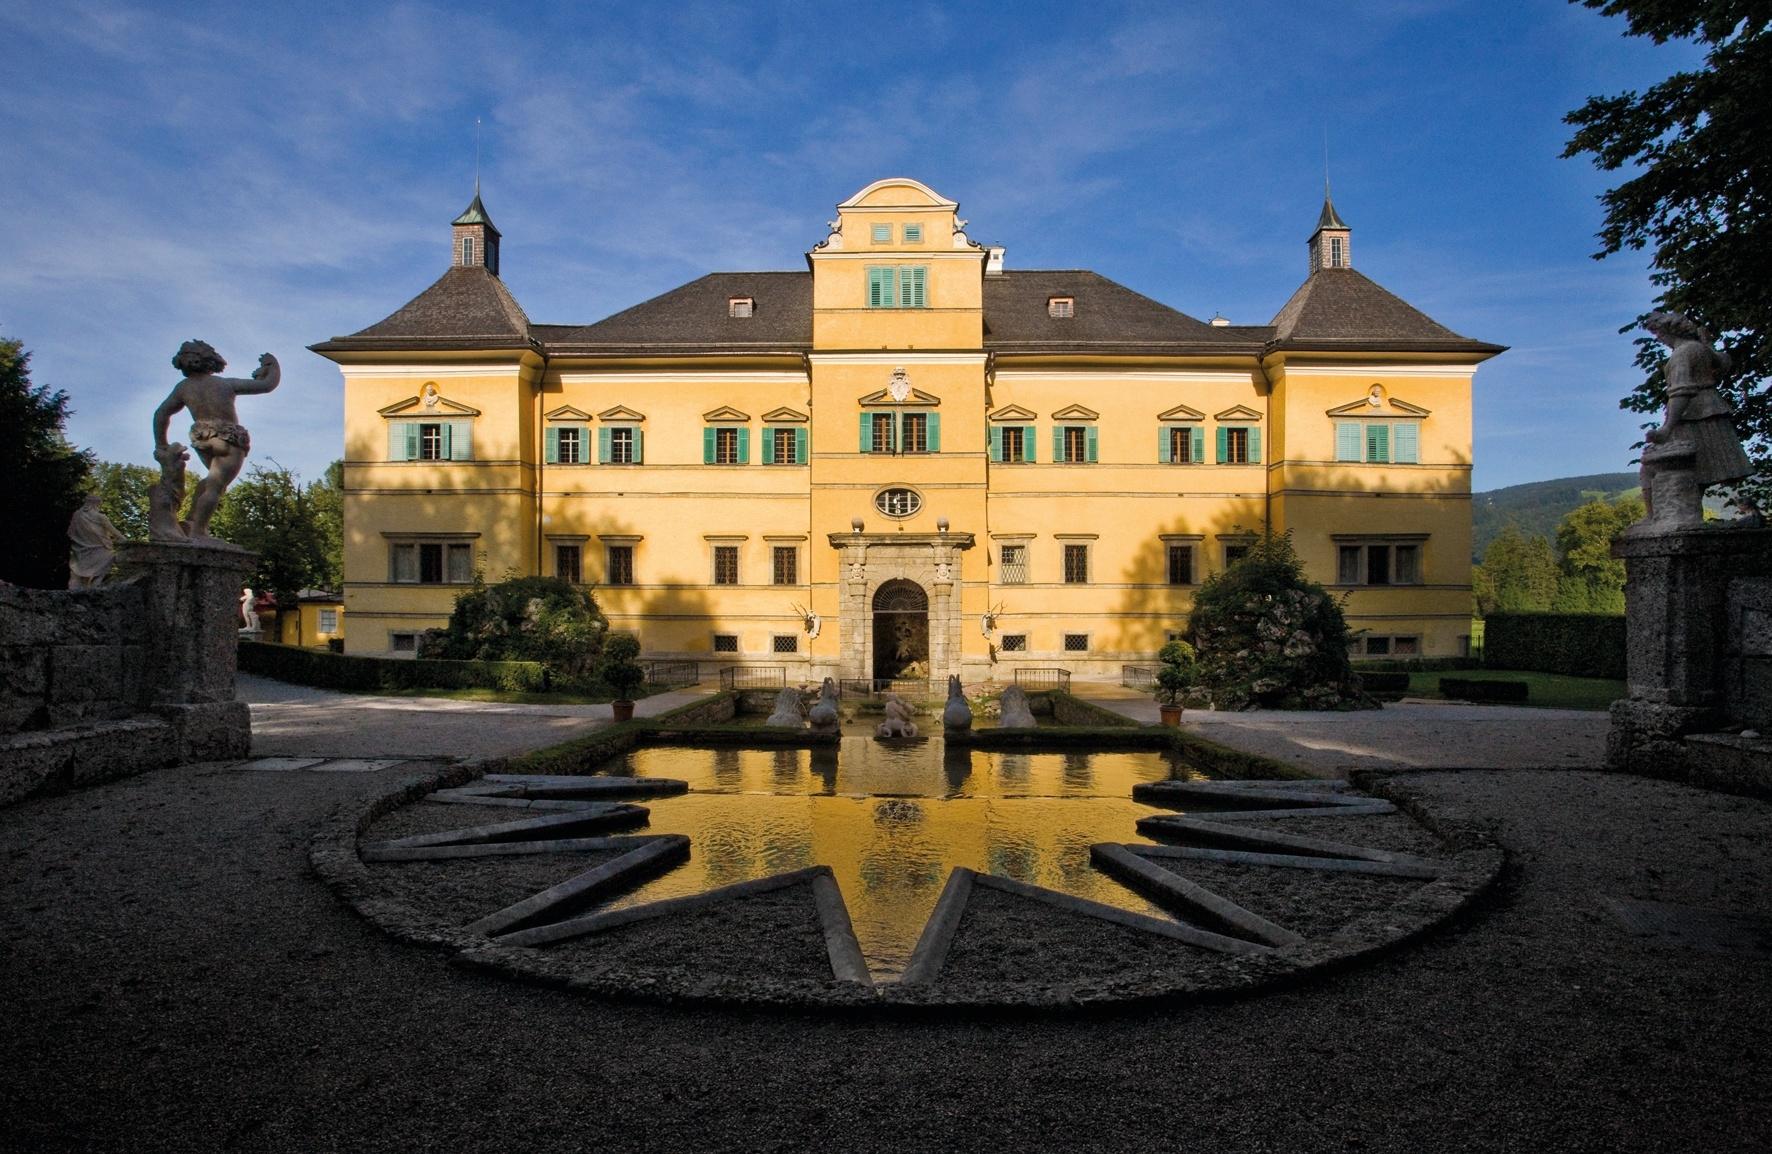 النمسا سالزبورغ اهم الاماكن السياحية قصر هيلبرون